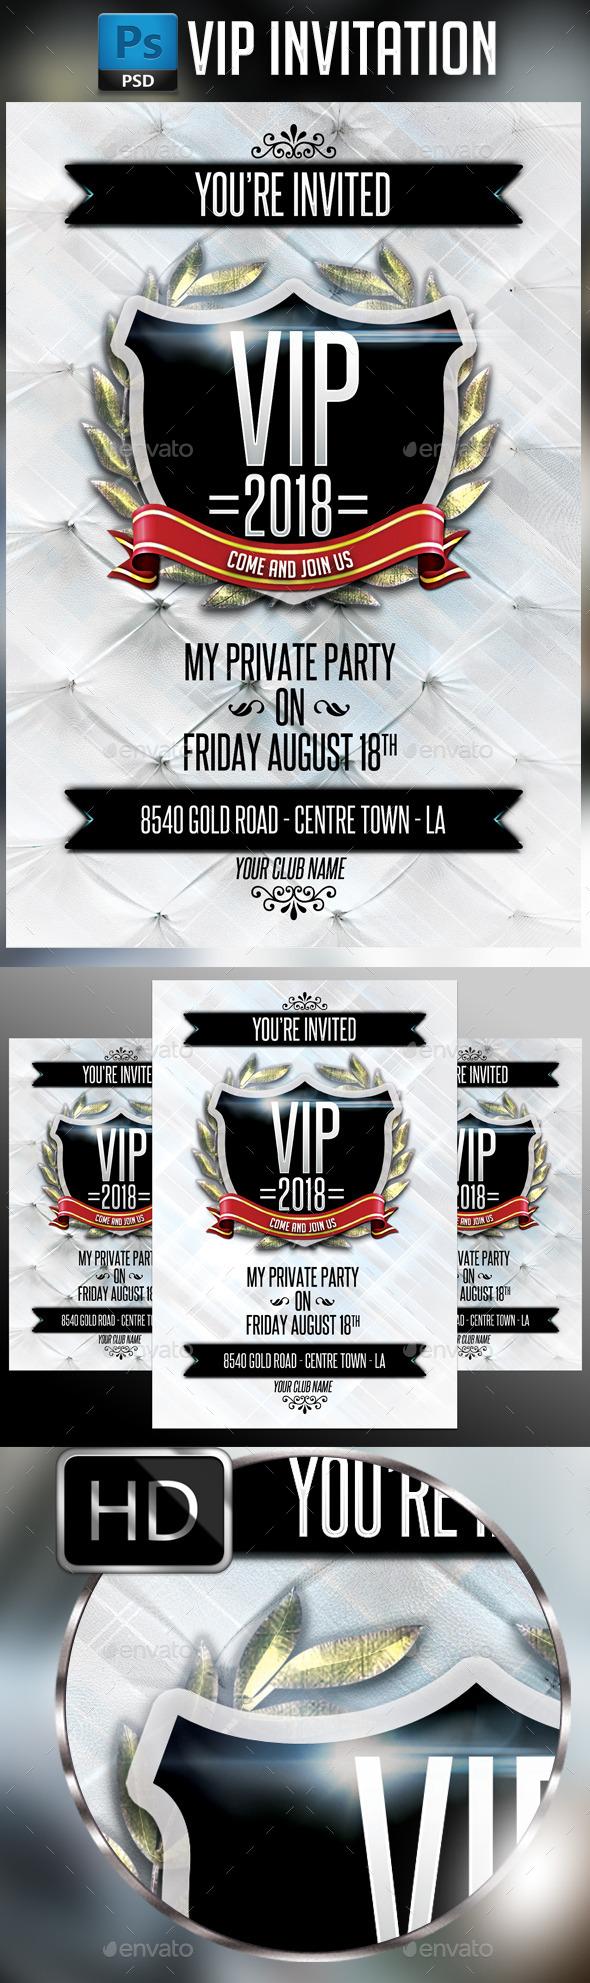 GraphicRiver VIP Invitation 10729943